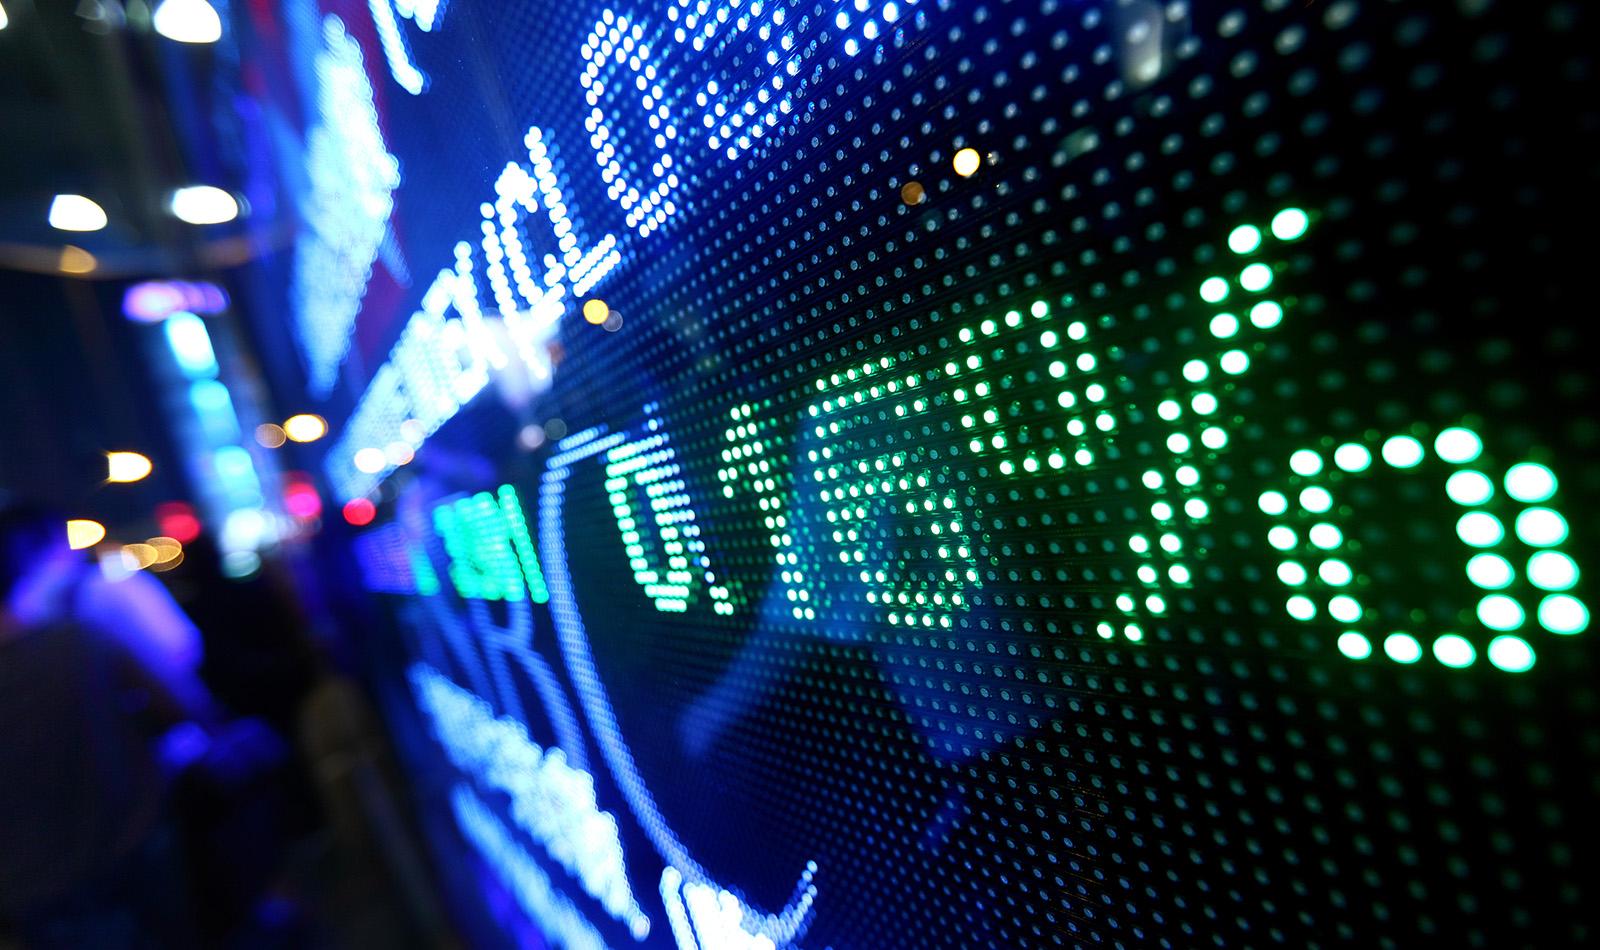 Eventos que afectan poco a poco la tendencia y confianza de mercados